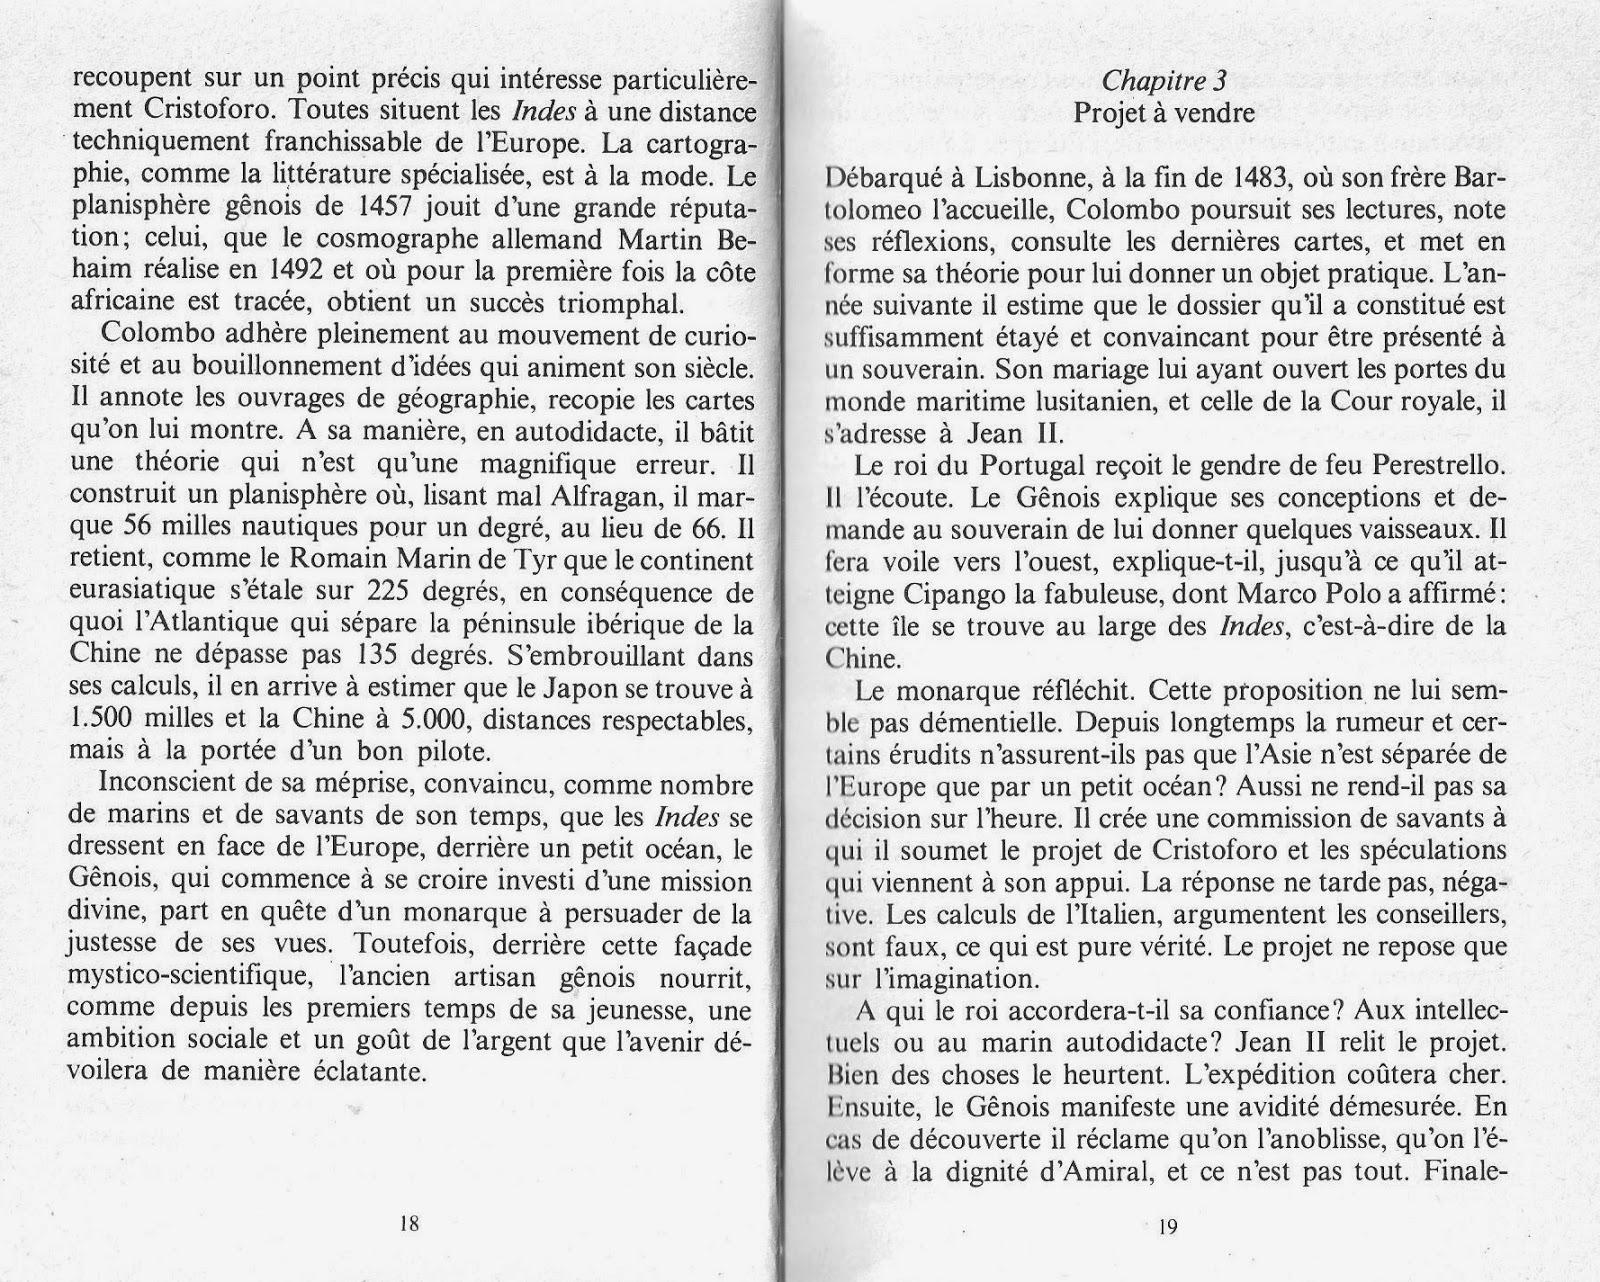 Leçons de choses: Christophe Colomb le découvreur (Pierre Pluchon)